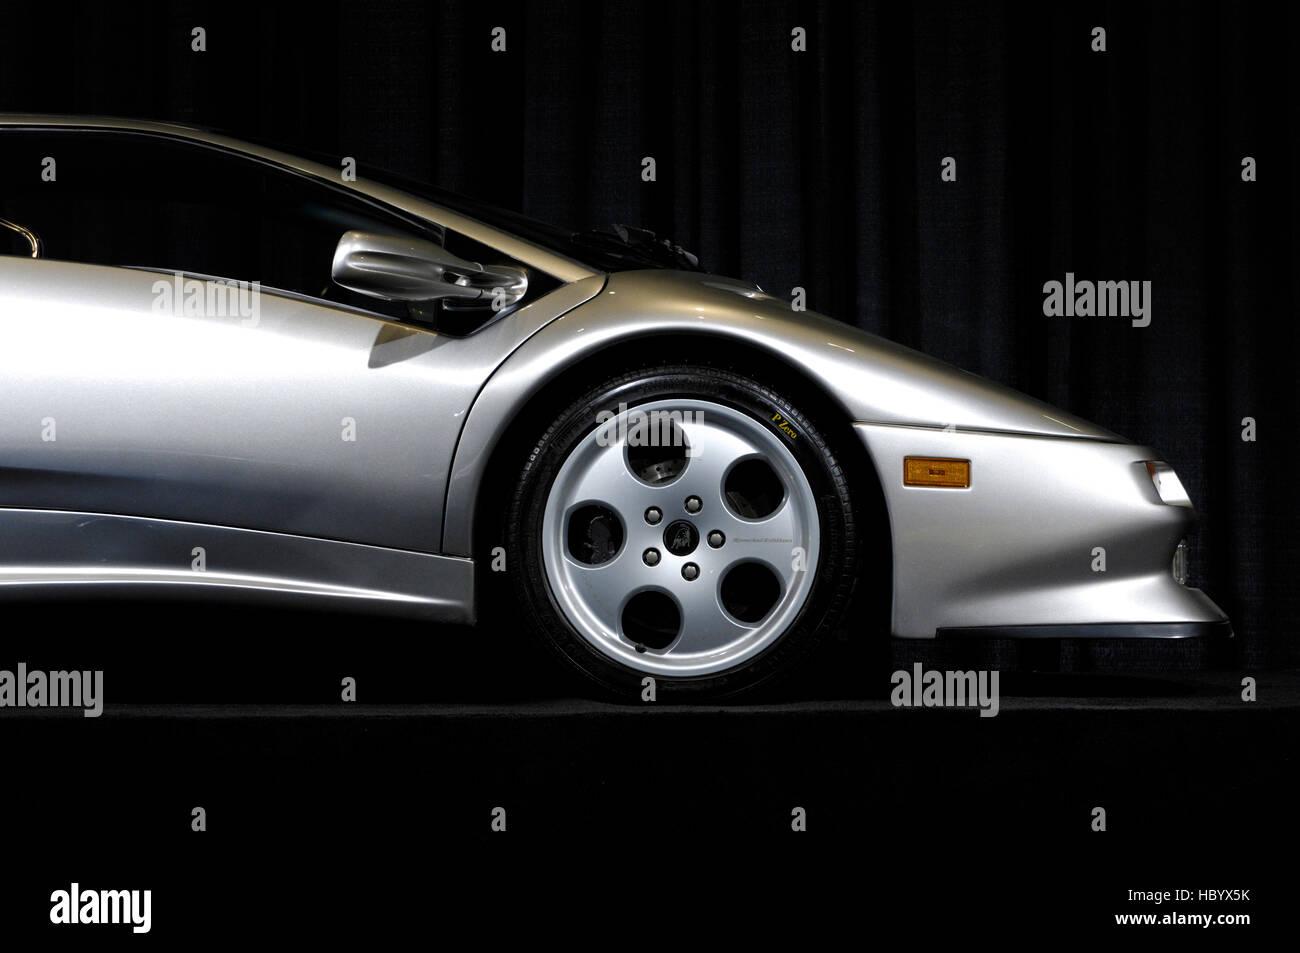 Silver Lamborghini Diablo Supercar   Stock Image